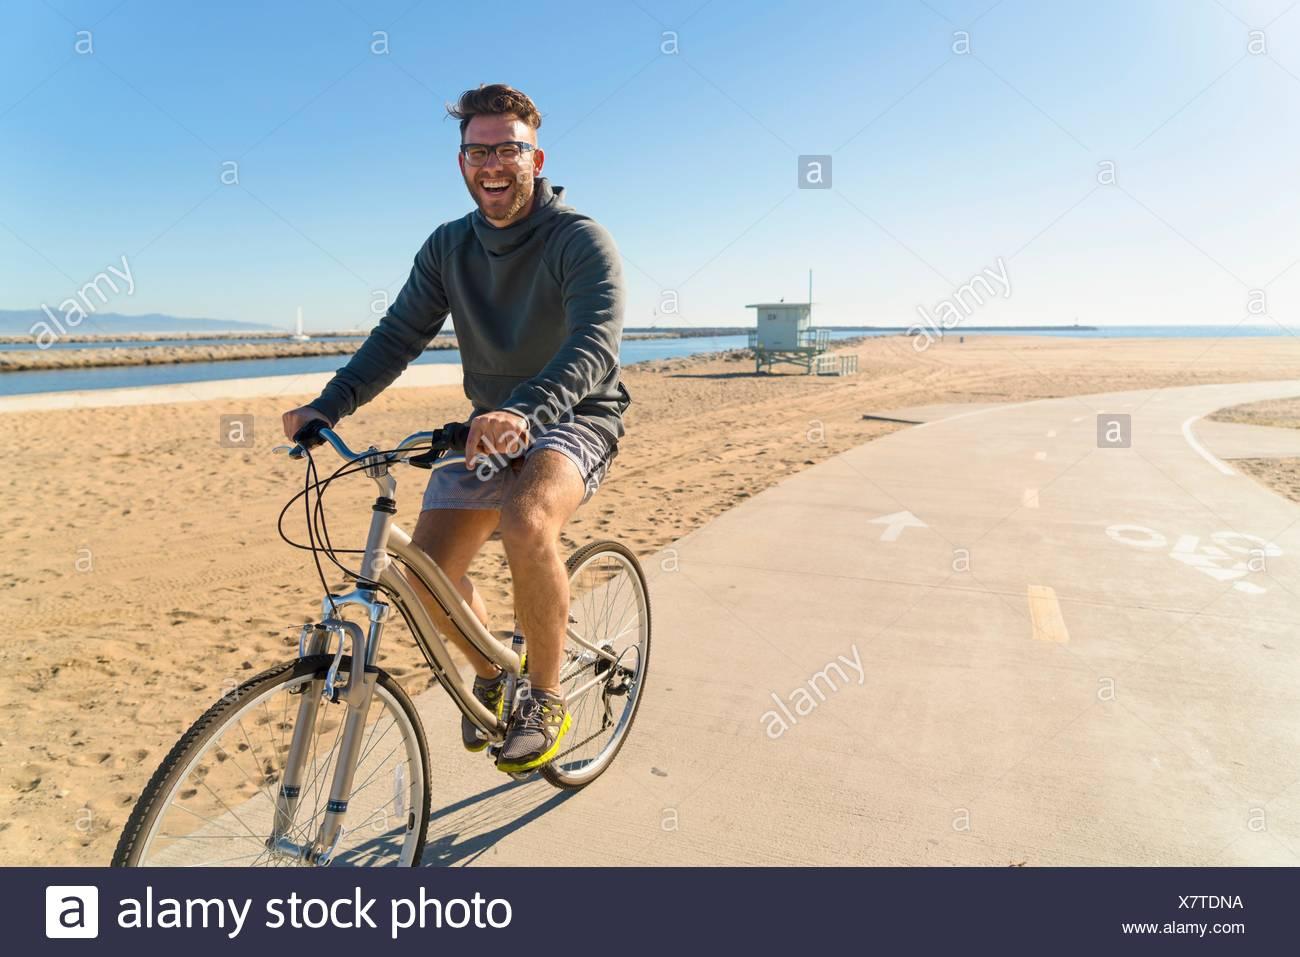 Joven en bicicleta a lo largo de camino a la playa Imagen De Stock